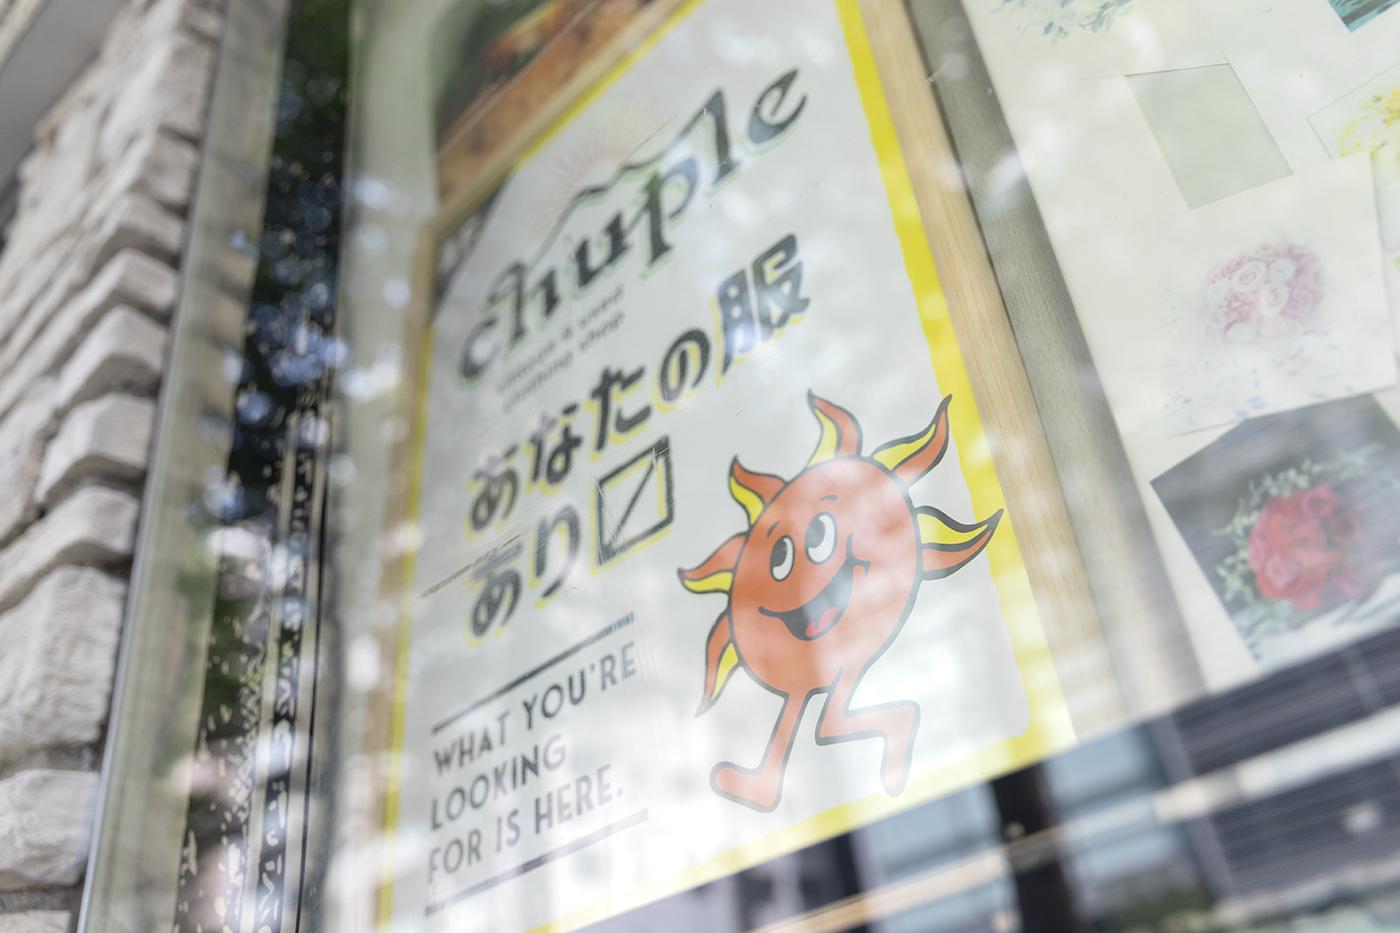 「ⅽhuple」のキャッチフレーズの「あなたの服あり〼」のポスター